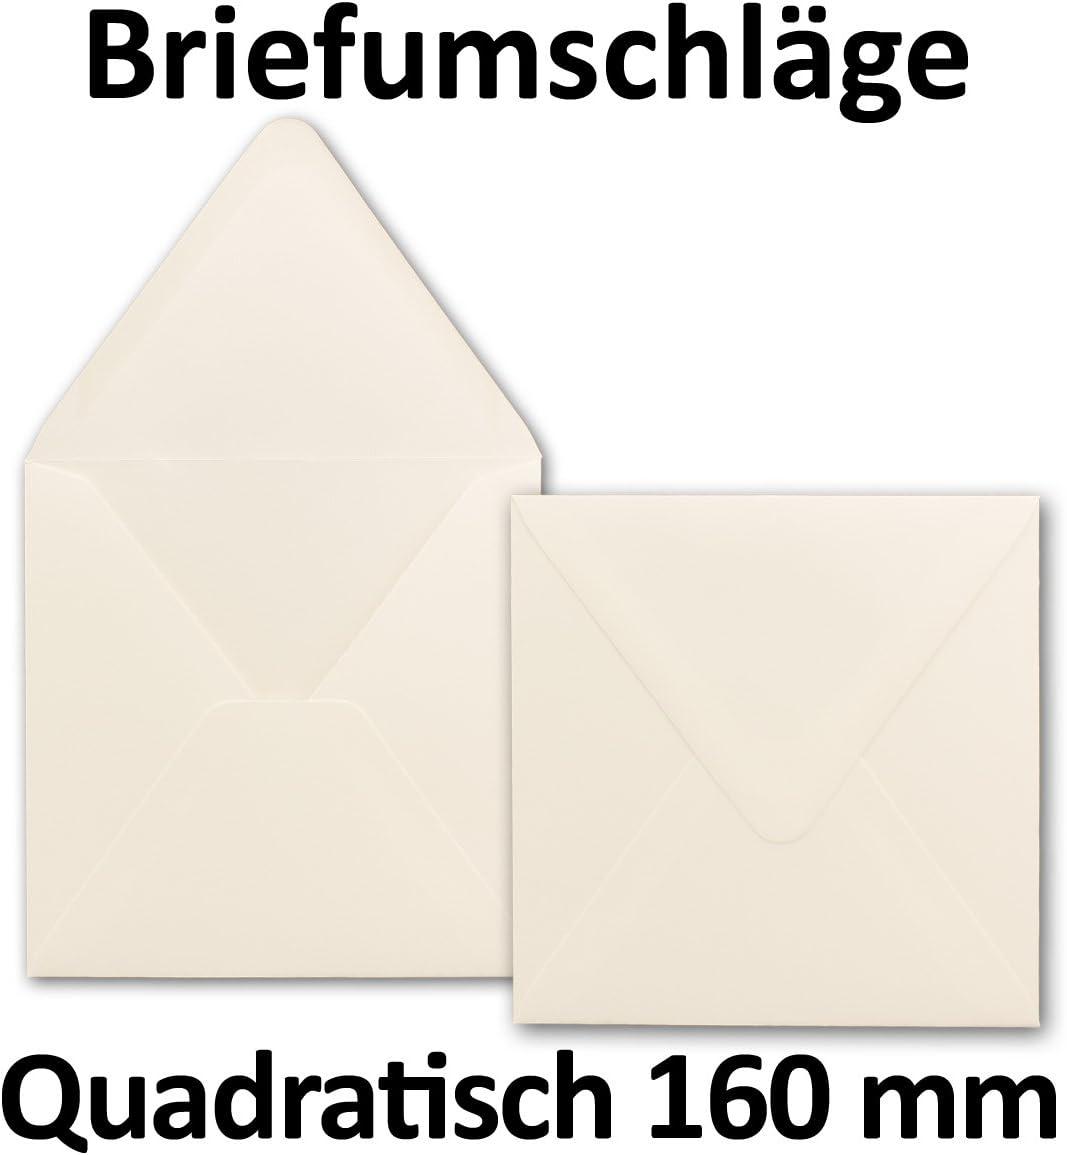 Nassklebung 16,0 x 16,0 cm Weiss Marke 120 g//m/² Premium Qualit/ät F/ür ganz besondere Anl/ässe 25x Briefumschl/äge Quadratisch 160 x 160 mm GUSTAV NEUSER